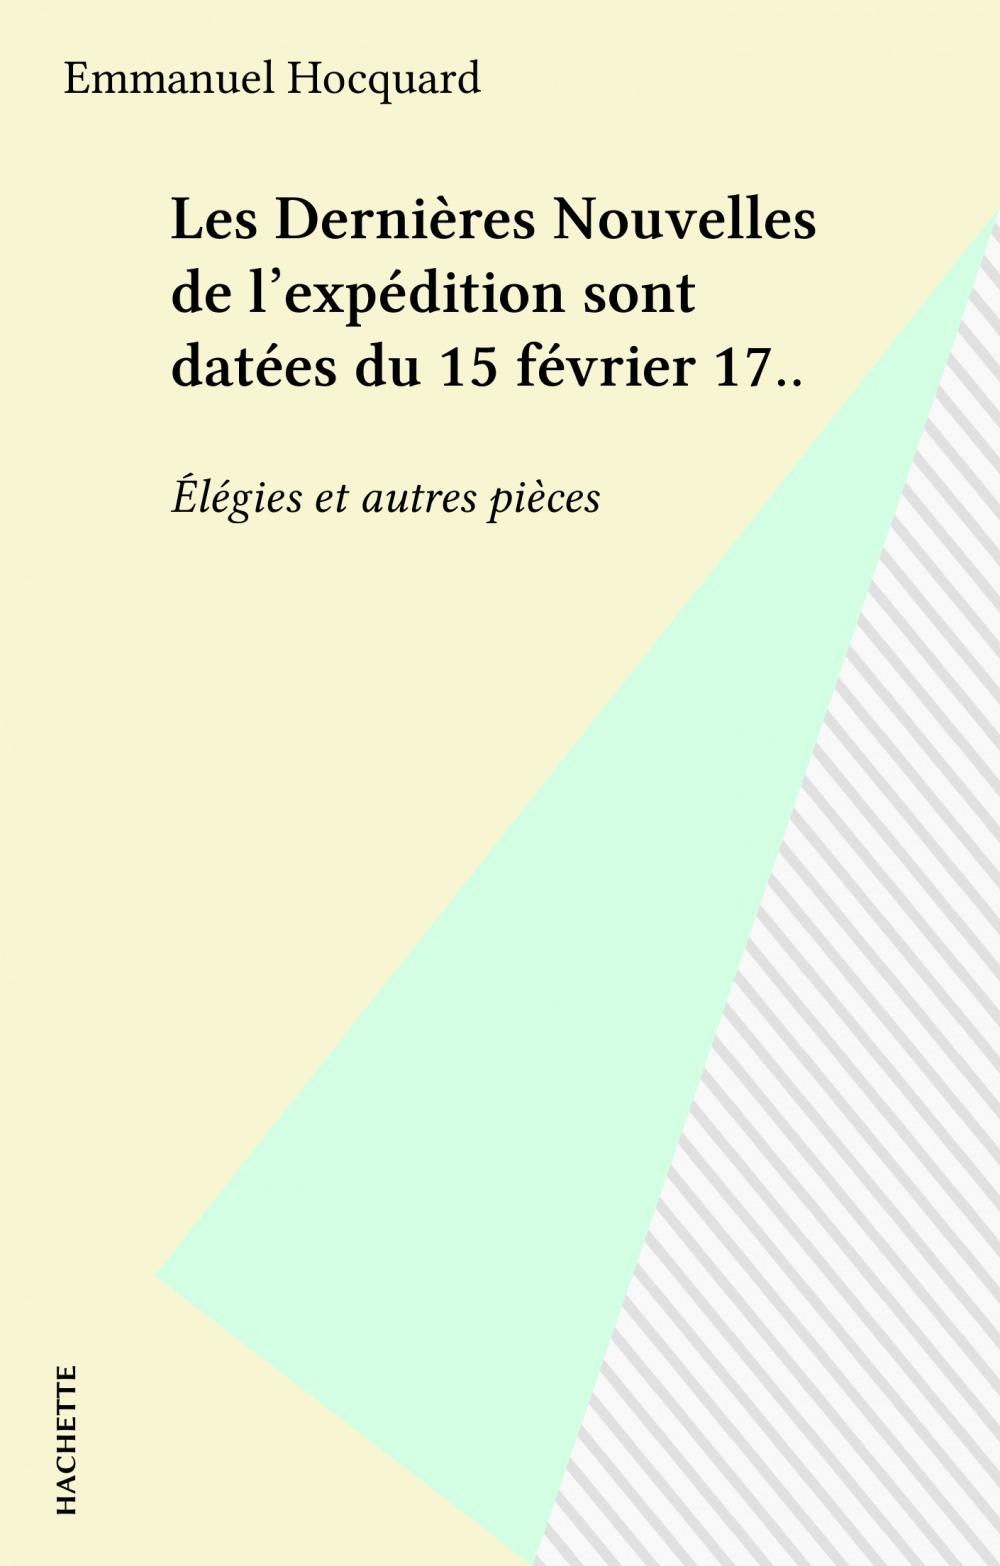 Les Dernières Nouvelles de l'expédition sont datées du 15 février 17..